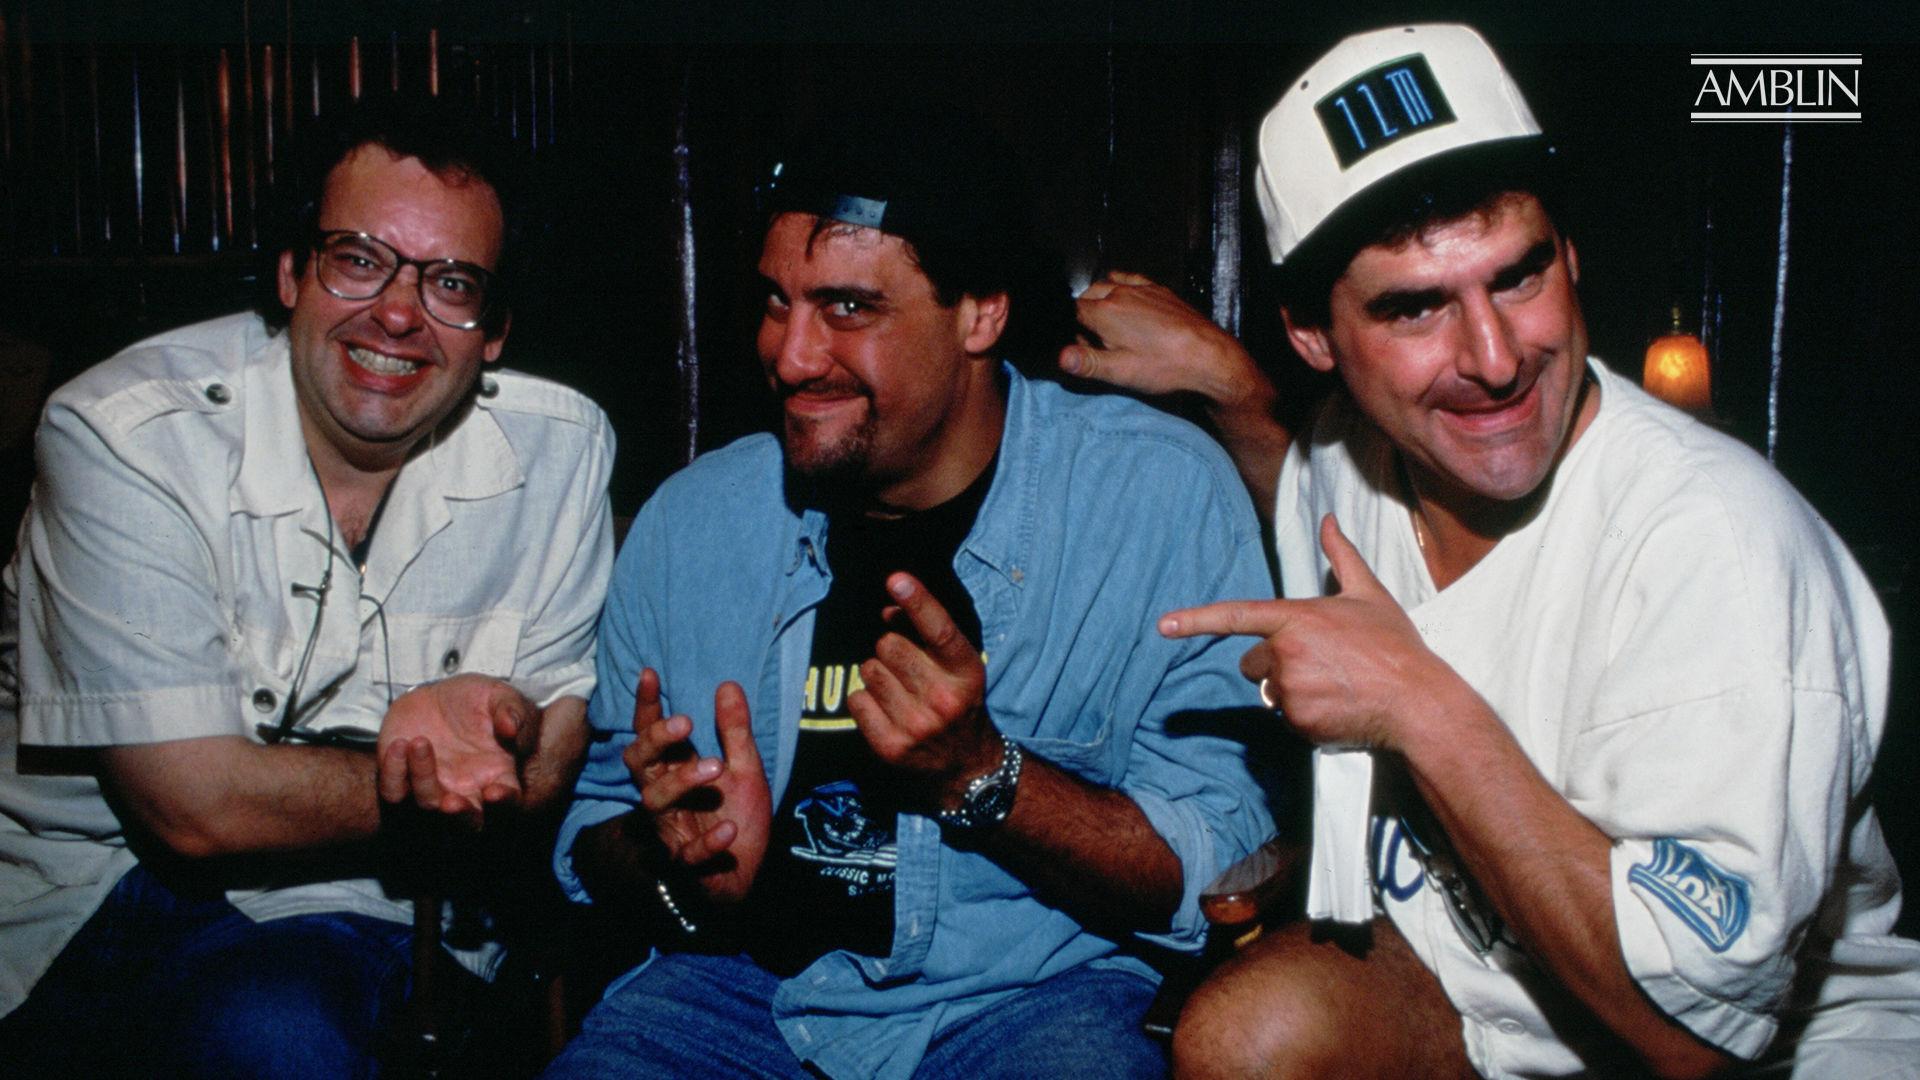 Casper 1995 About The Movie Amblin